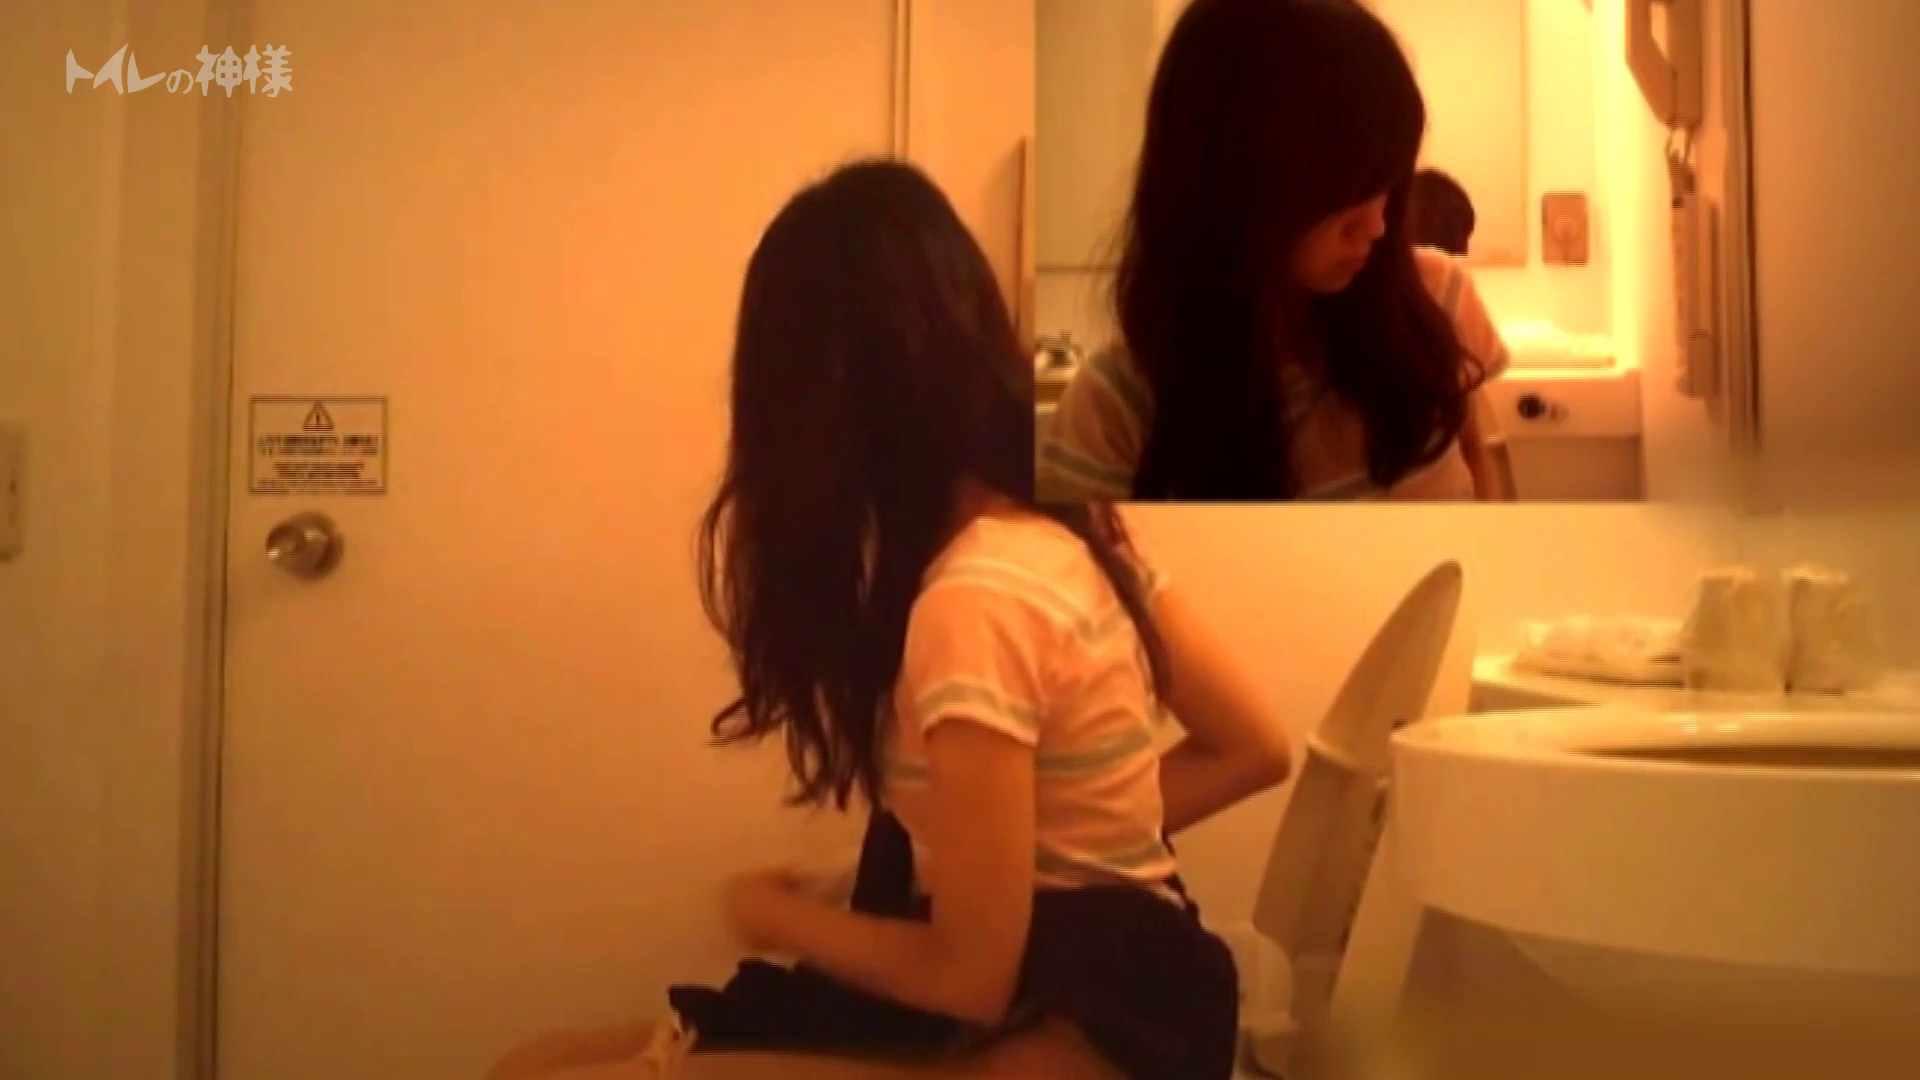 Vol.04 女子大生のトイレ恥態 トイレで・・・ ぱこり動画紹介 89画像 58